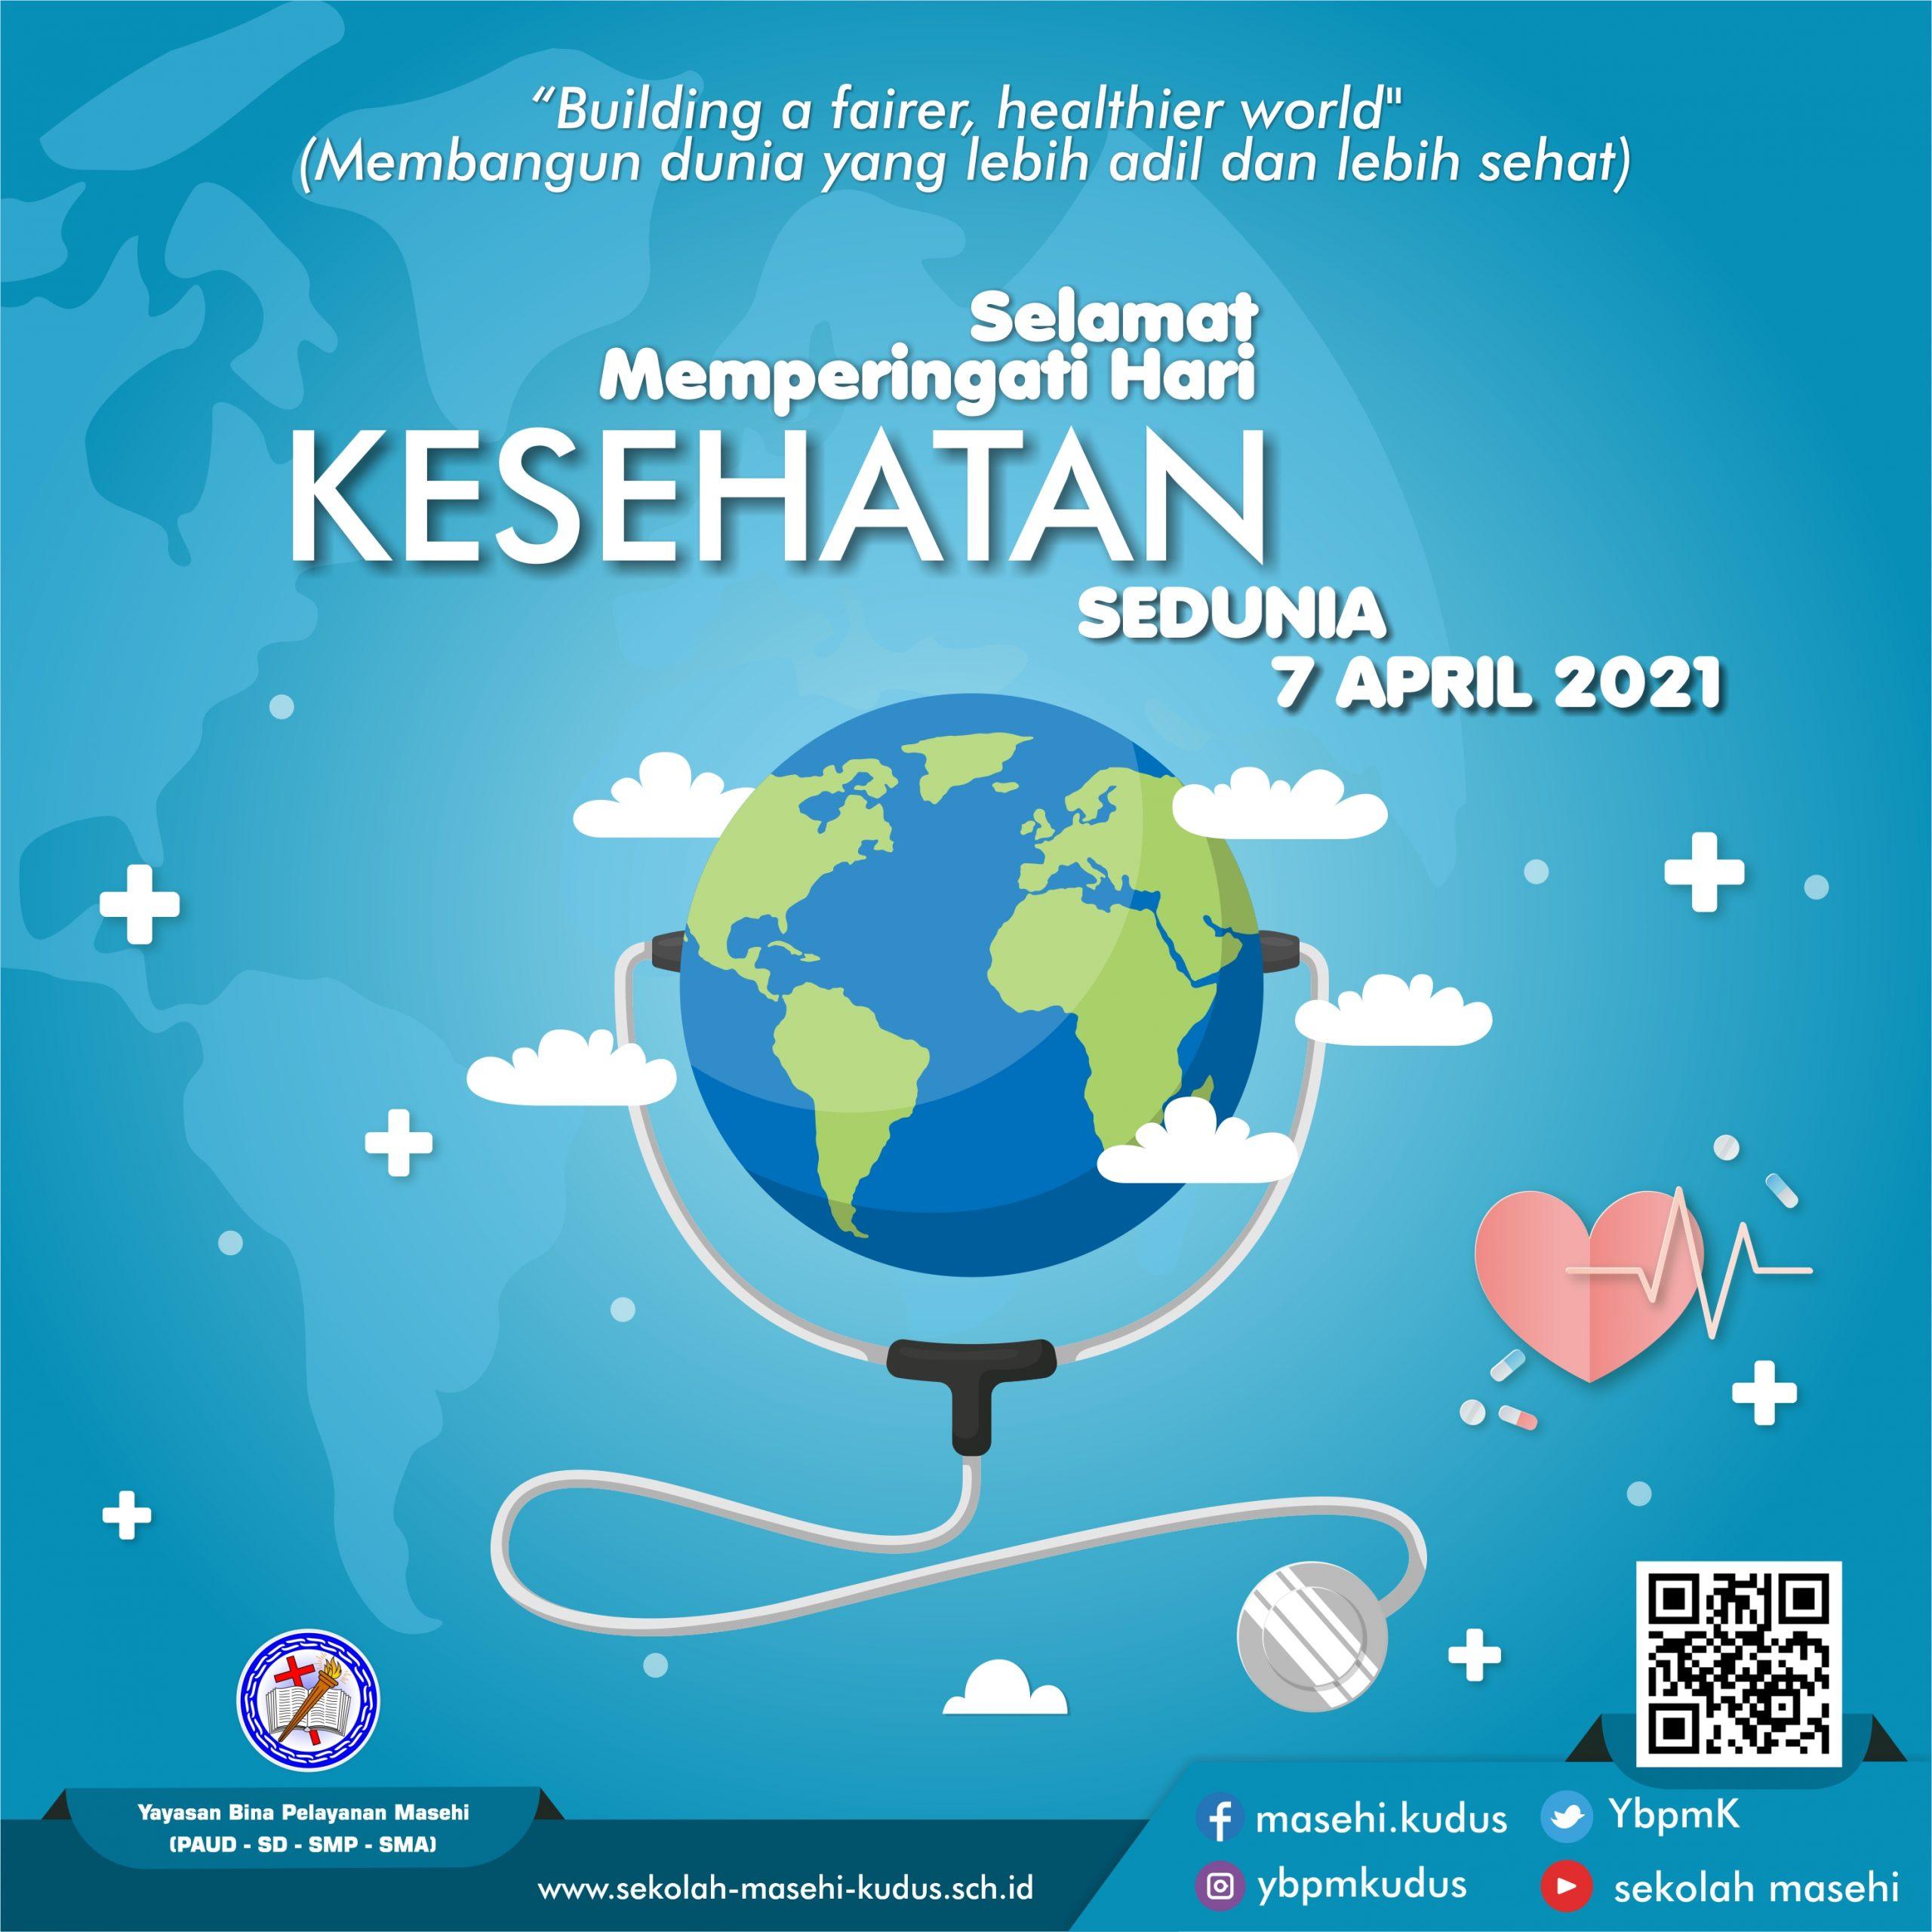 Selamat Hari Kesehatan Sedunia